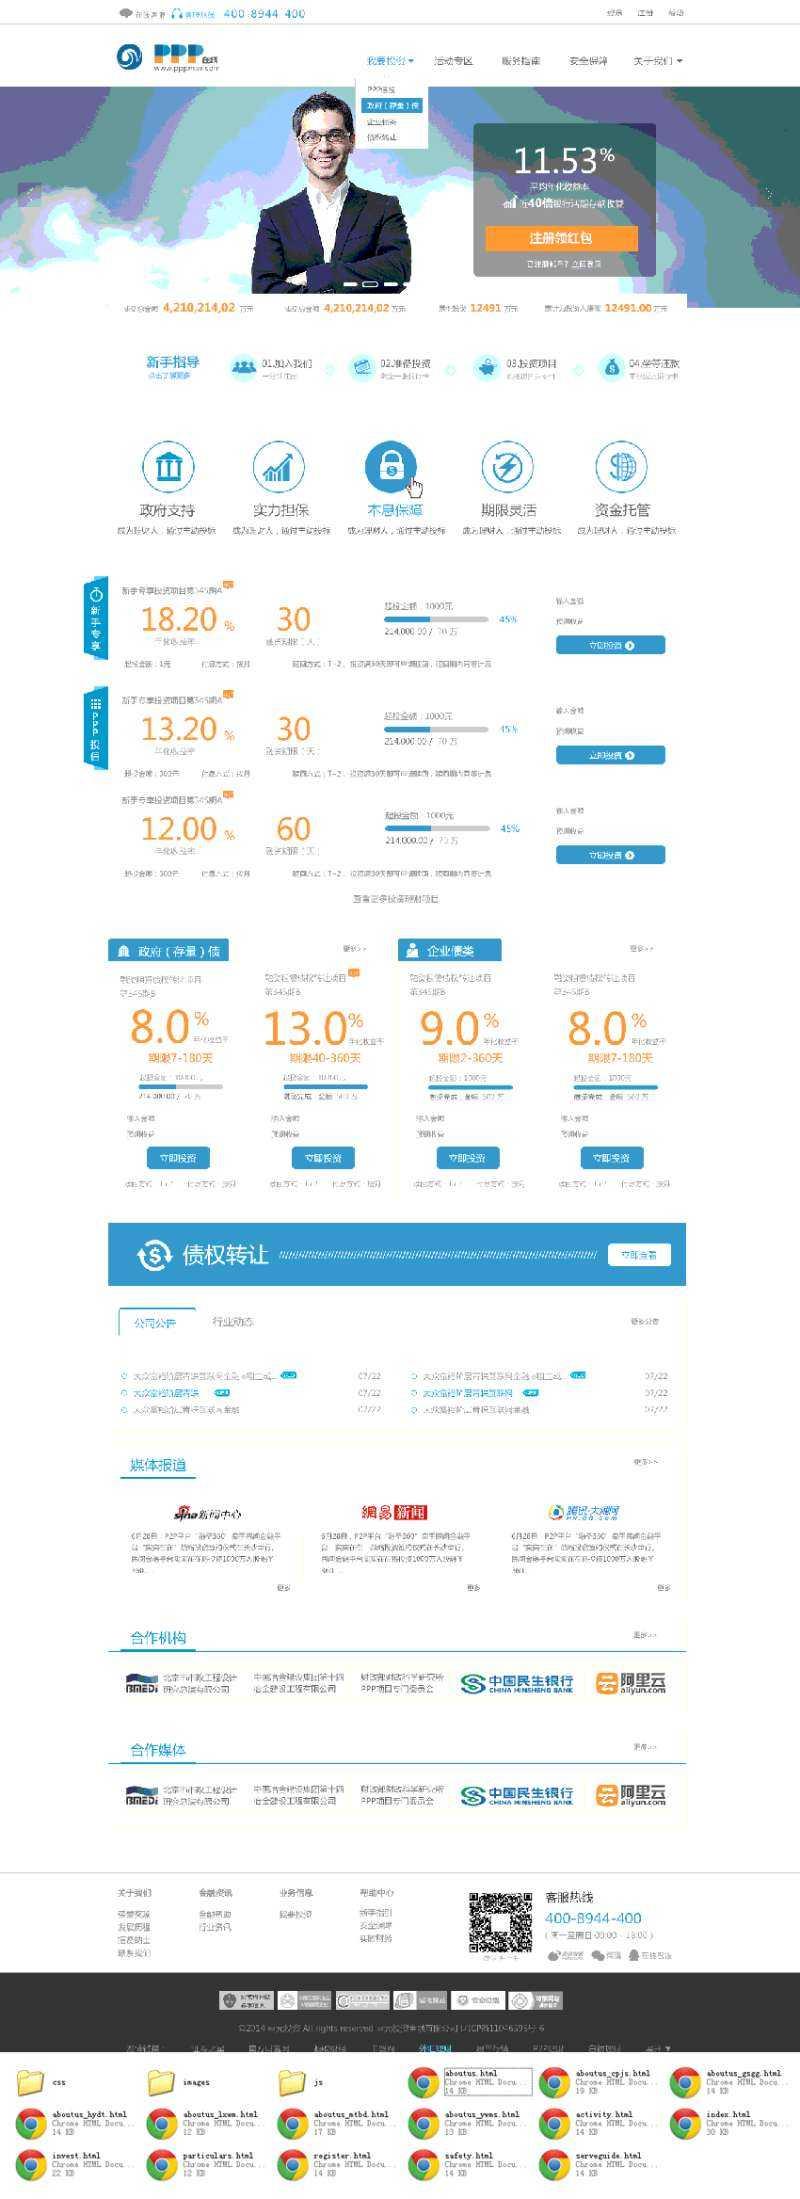 蓝色简洁的P2P理财投资平台网站html模板整站